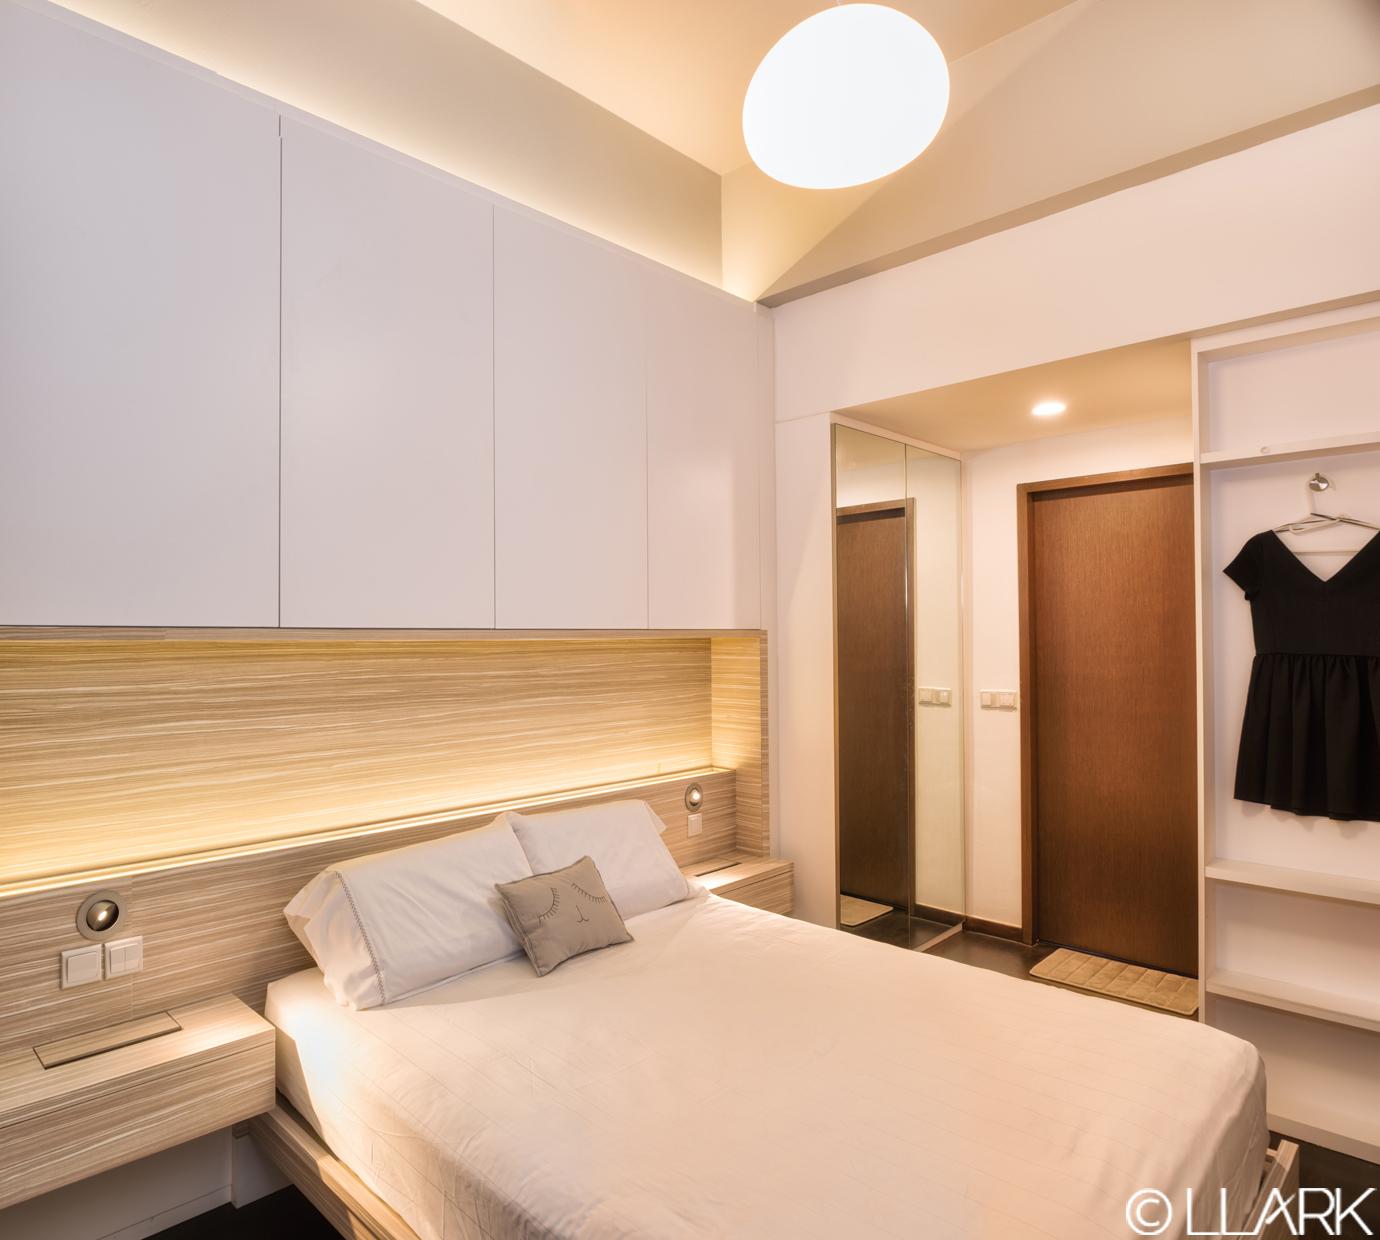 LLARK_Archipelago02_Master Bedroom_C.jpg